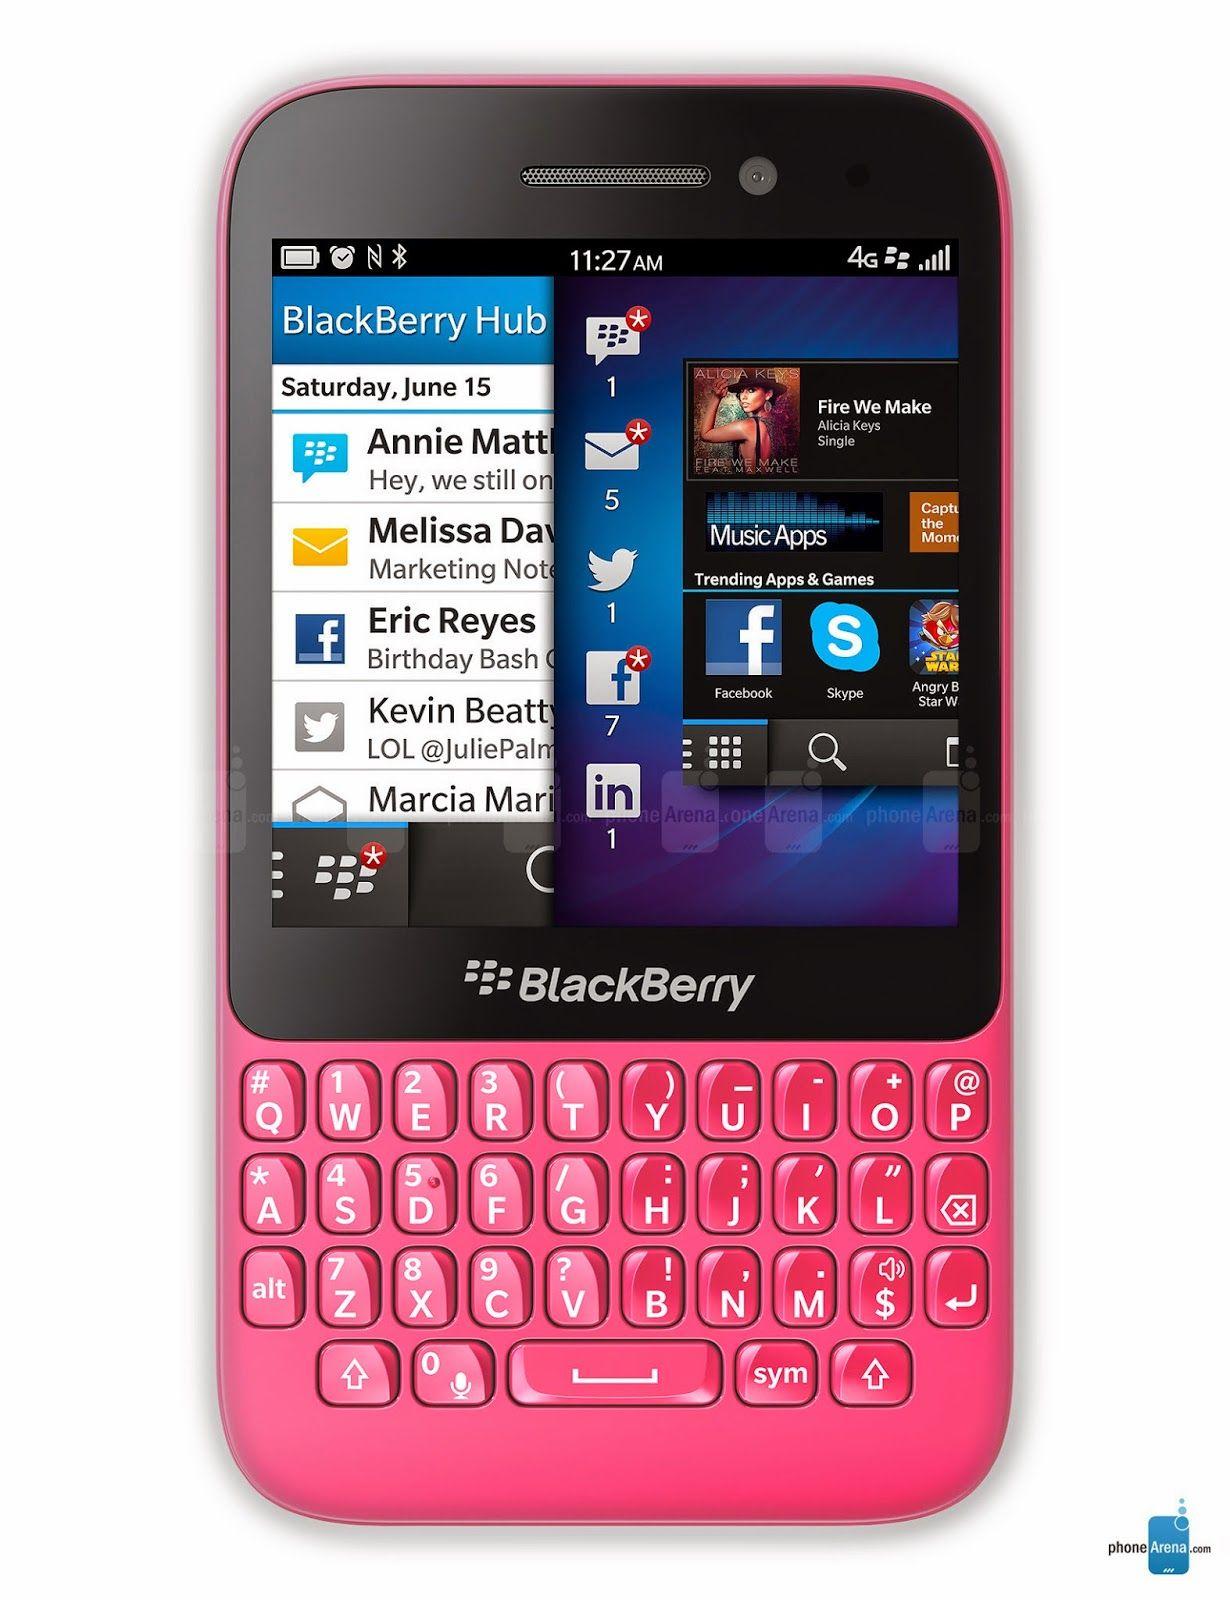 رسائل حب هاربة من كتب الشوق المنسيه Www Bonabona Me لا تقارني بـ Berry Blackberry Smartphone Blackberry Phone